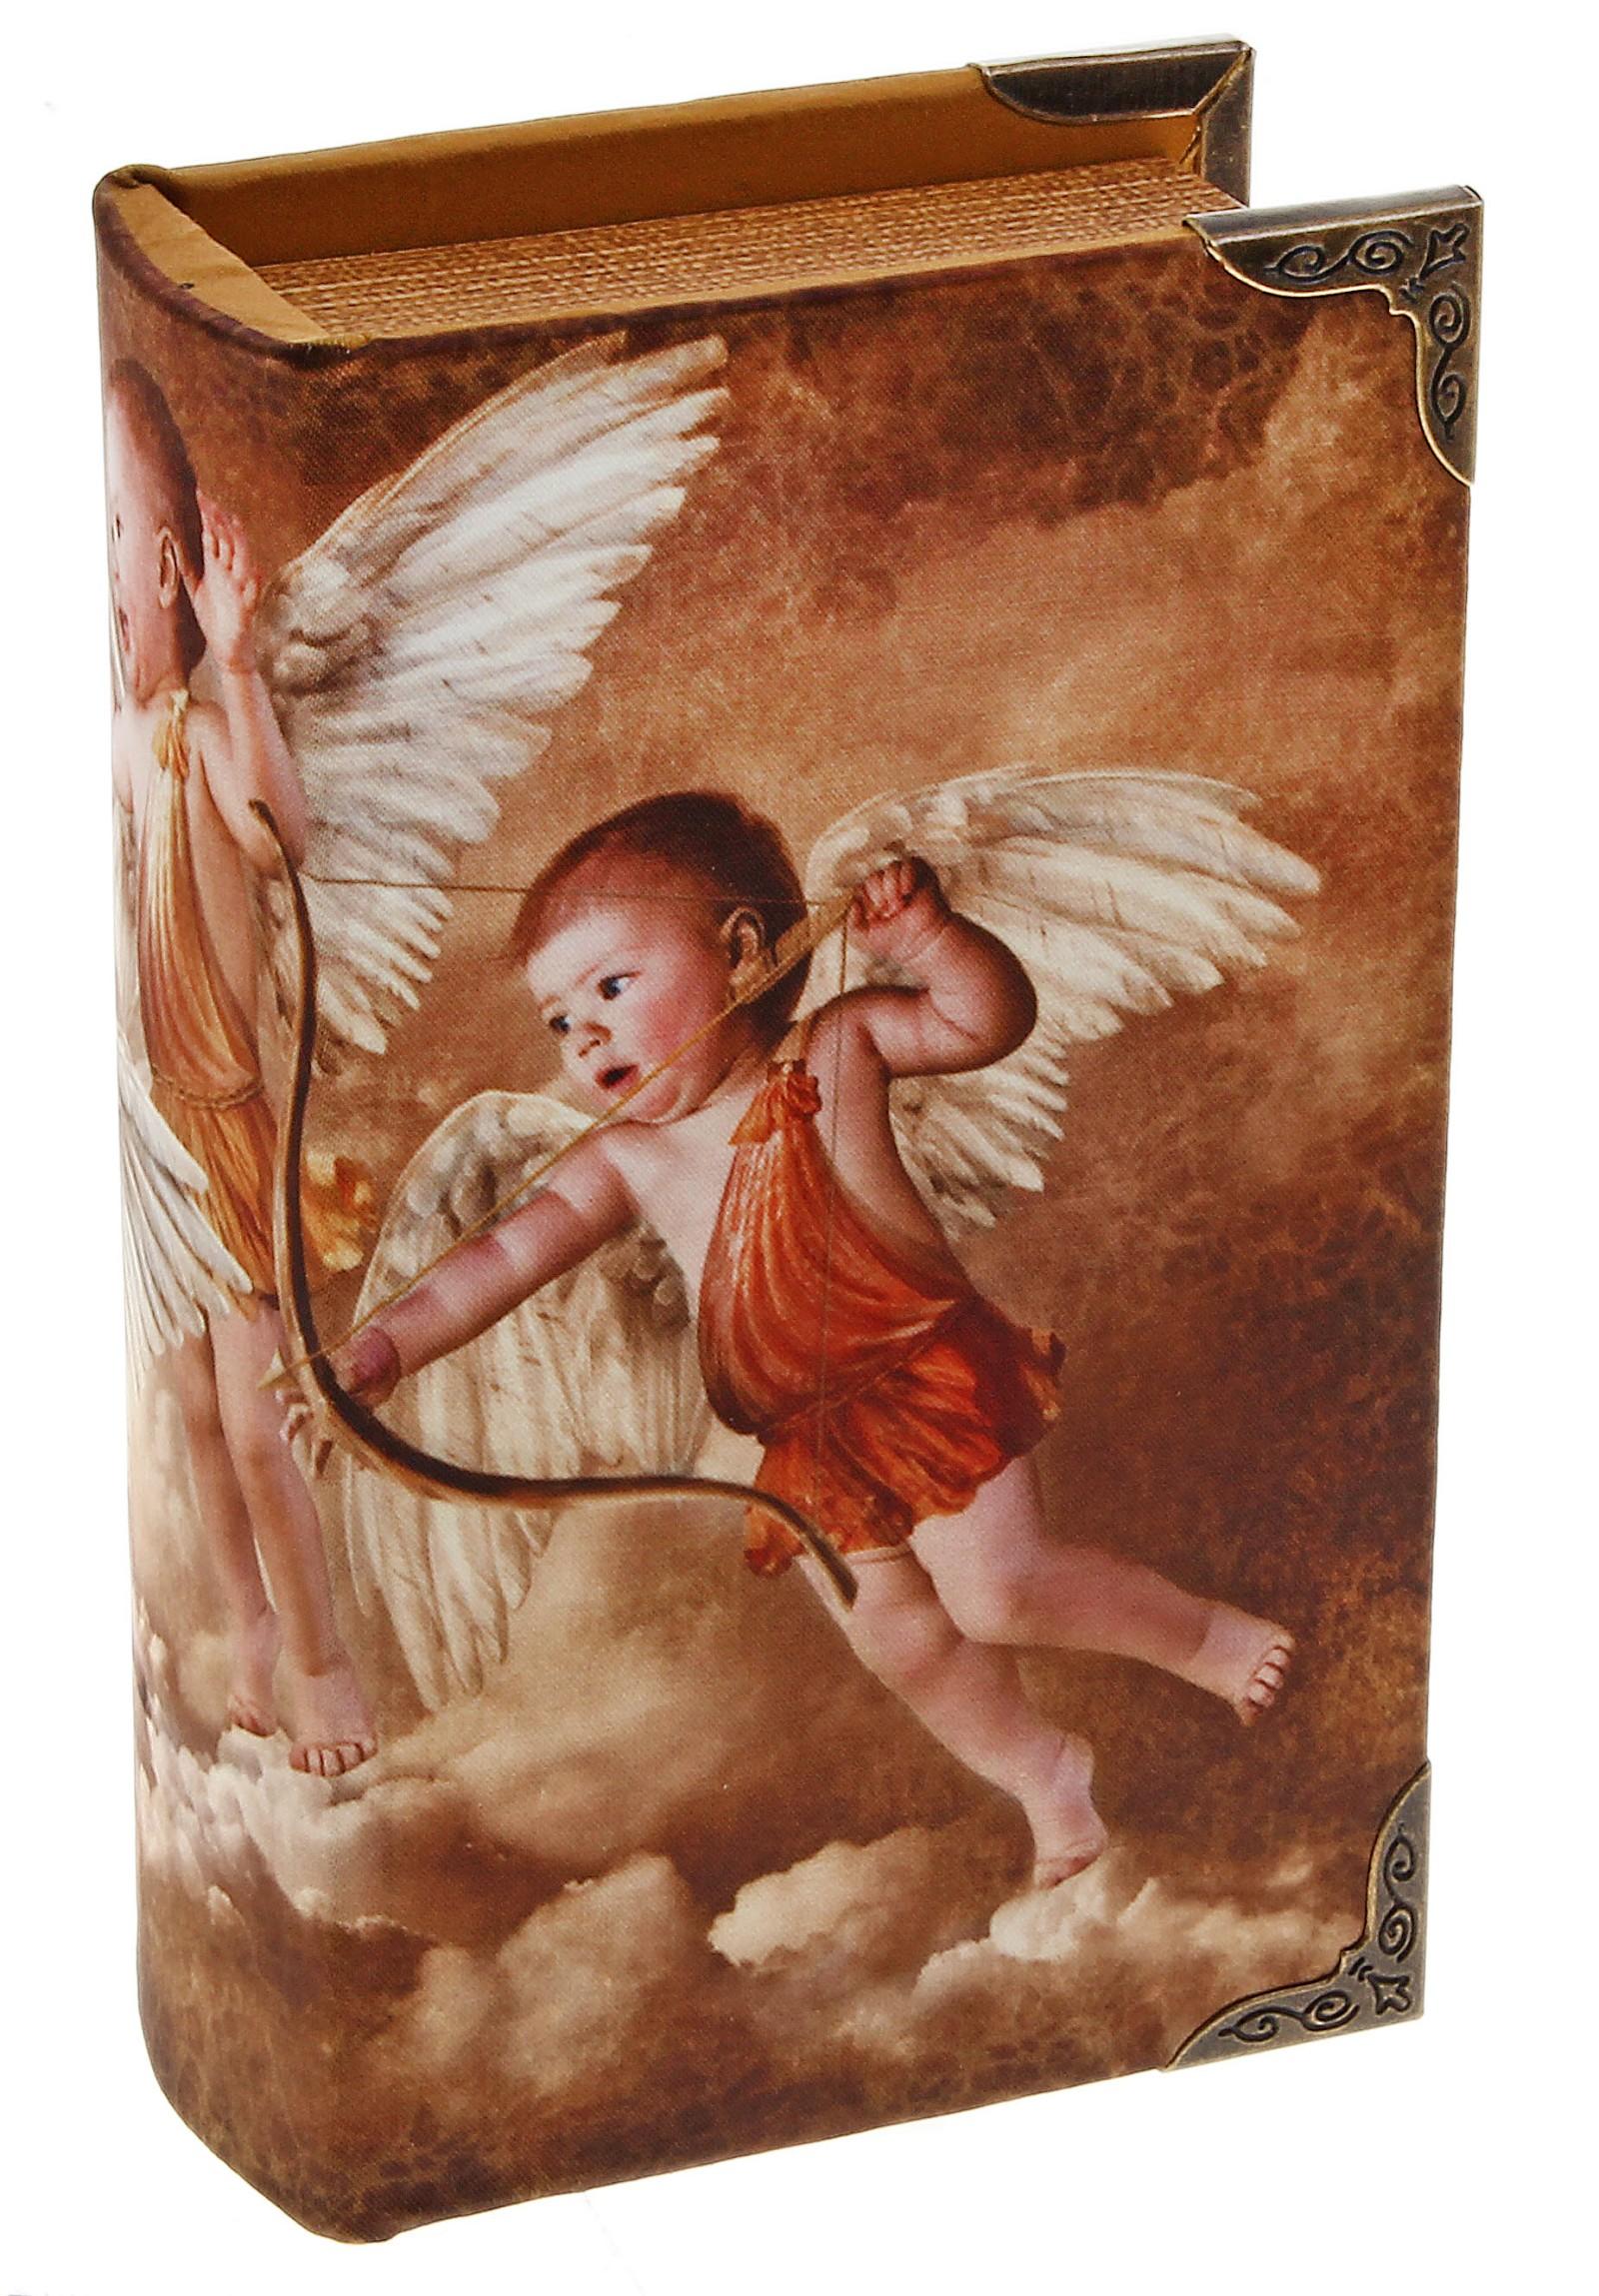 Шкатулка-книга Игры ангеловFS-80299Оригинальное оформление шкатулки, несомненно, привлечет внимание. Шкатулка Игры ангелов изготовлена в виде старинной книги. Поверхность шкатулки выполнена из кожзаменителя и оформлена изображением ангелов.Такая шкатулка может использоваться для хранения бижутерии, в качестве украшения интерьера, а также послужит хорошим подарком для человека, ценящего практичные и оригинальные вещи. Характеристики:Материал: дерево, кожзам, металл. Цвет: коричневый. Размер шкатулки (в закрытом виде): 17 см х 11 см х 5 см. Размер упаковки: 18 см х 12 см х 6 см. Артикул: 521770.